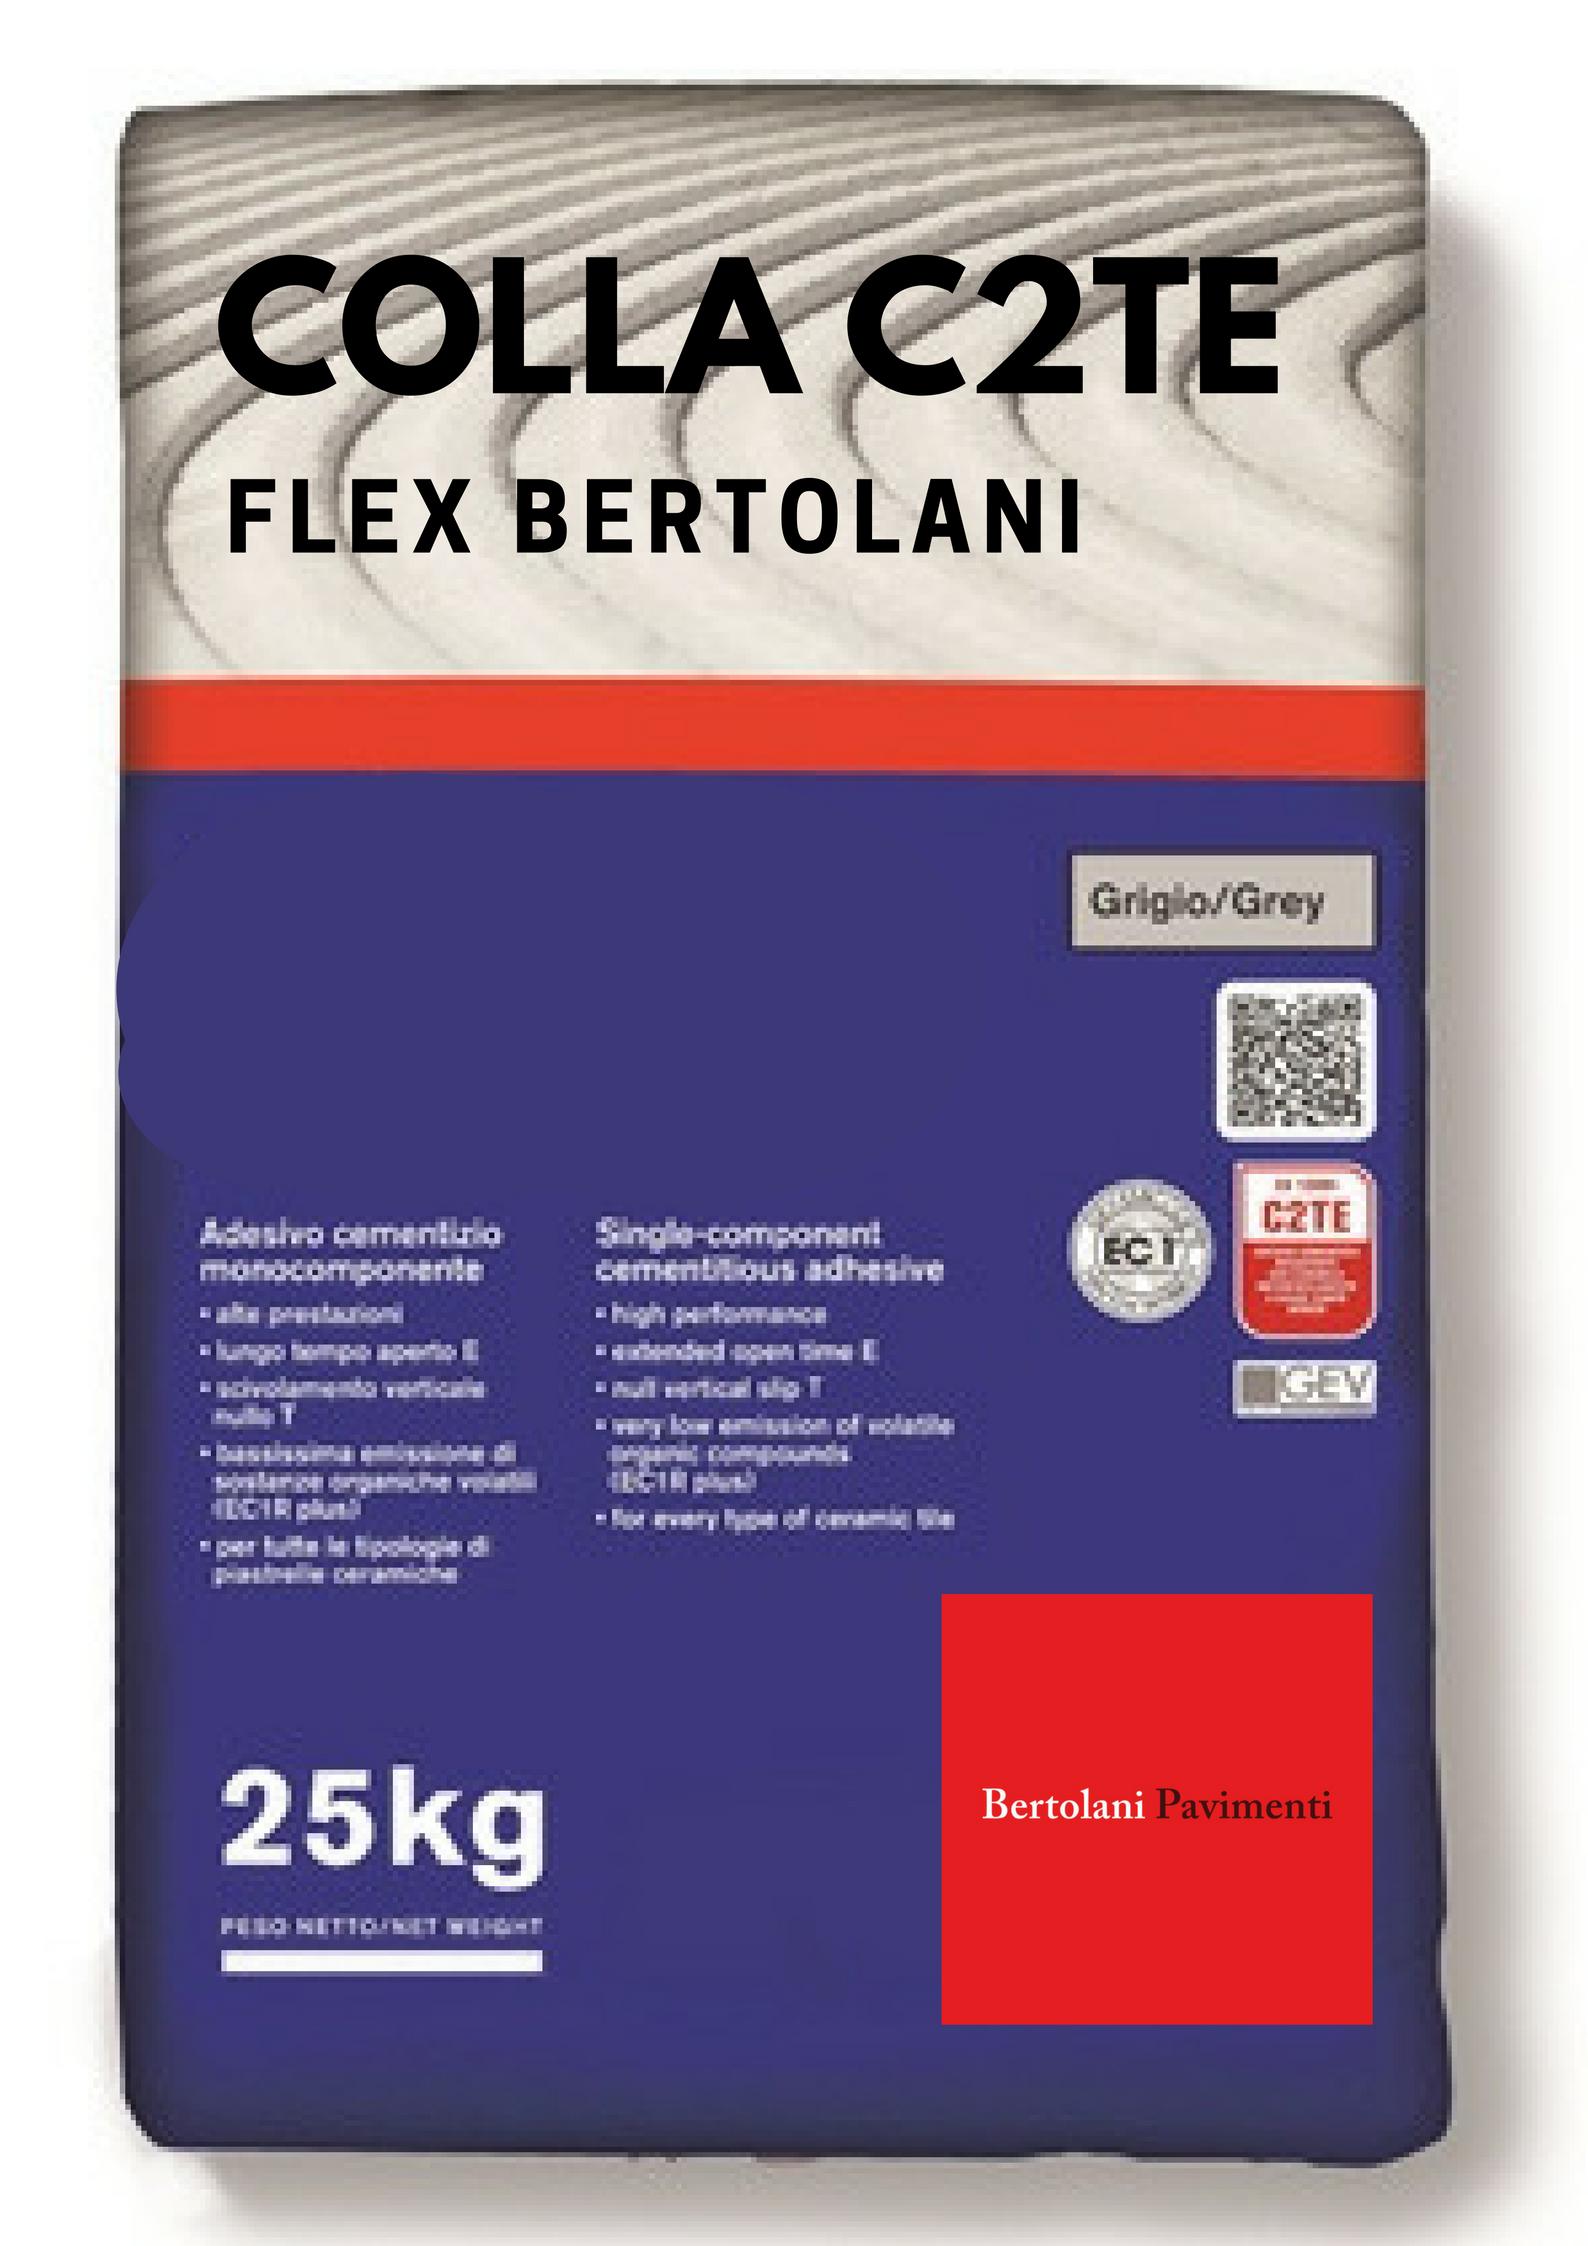 Colla Grigia e Bianca C2TE Flex con un sacco si posano 6mq similare H40 kerakoll